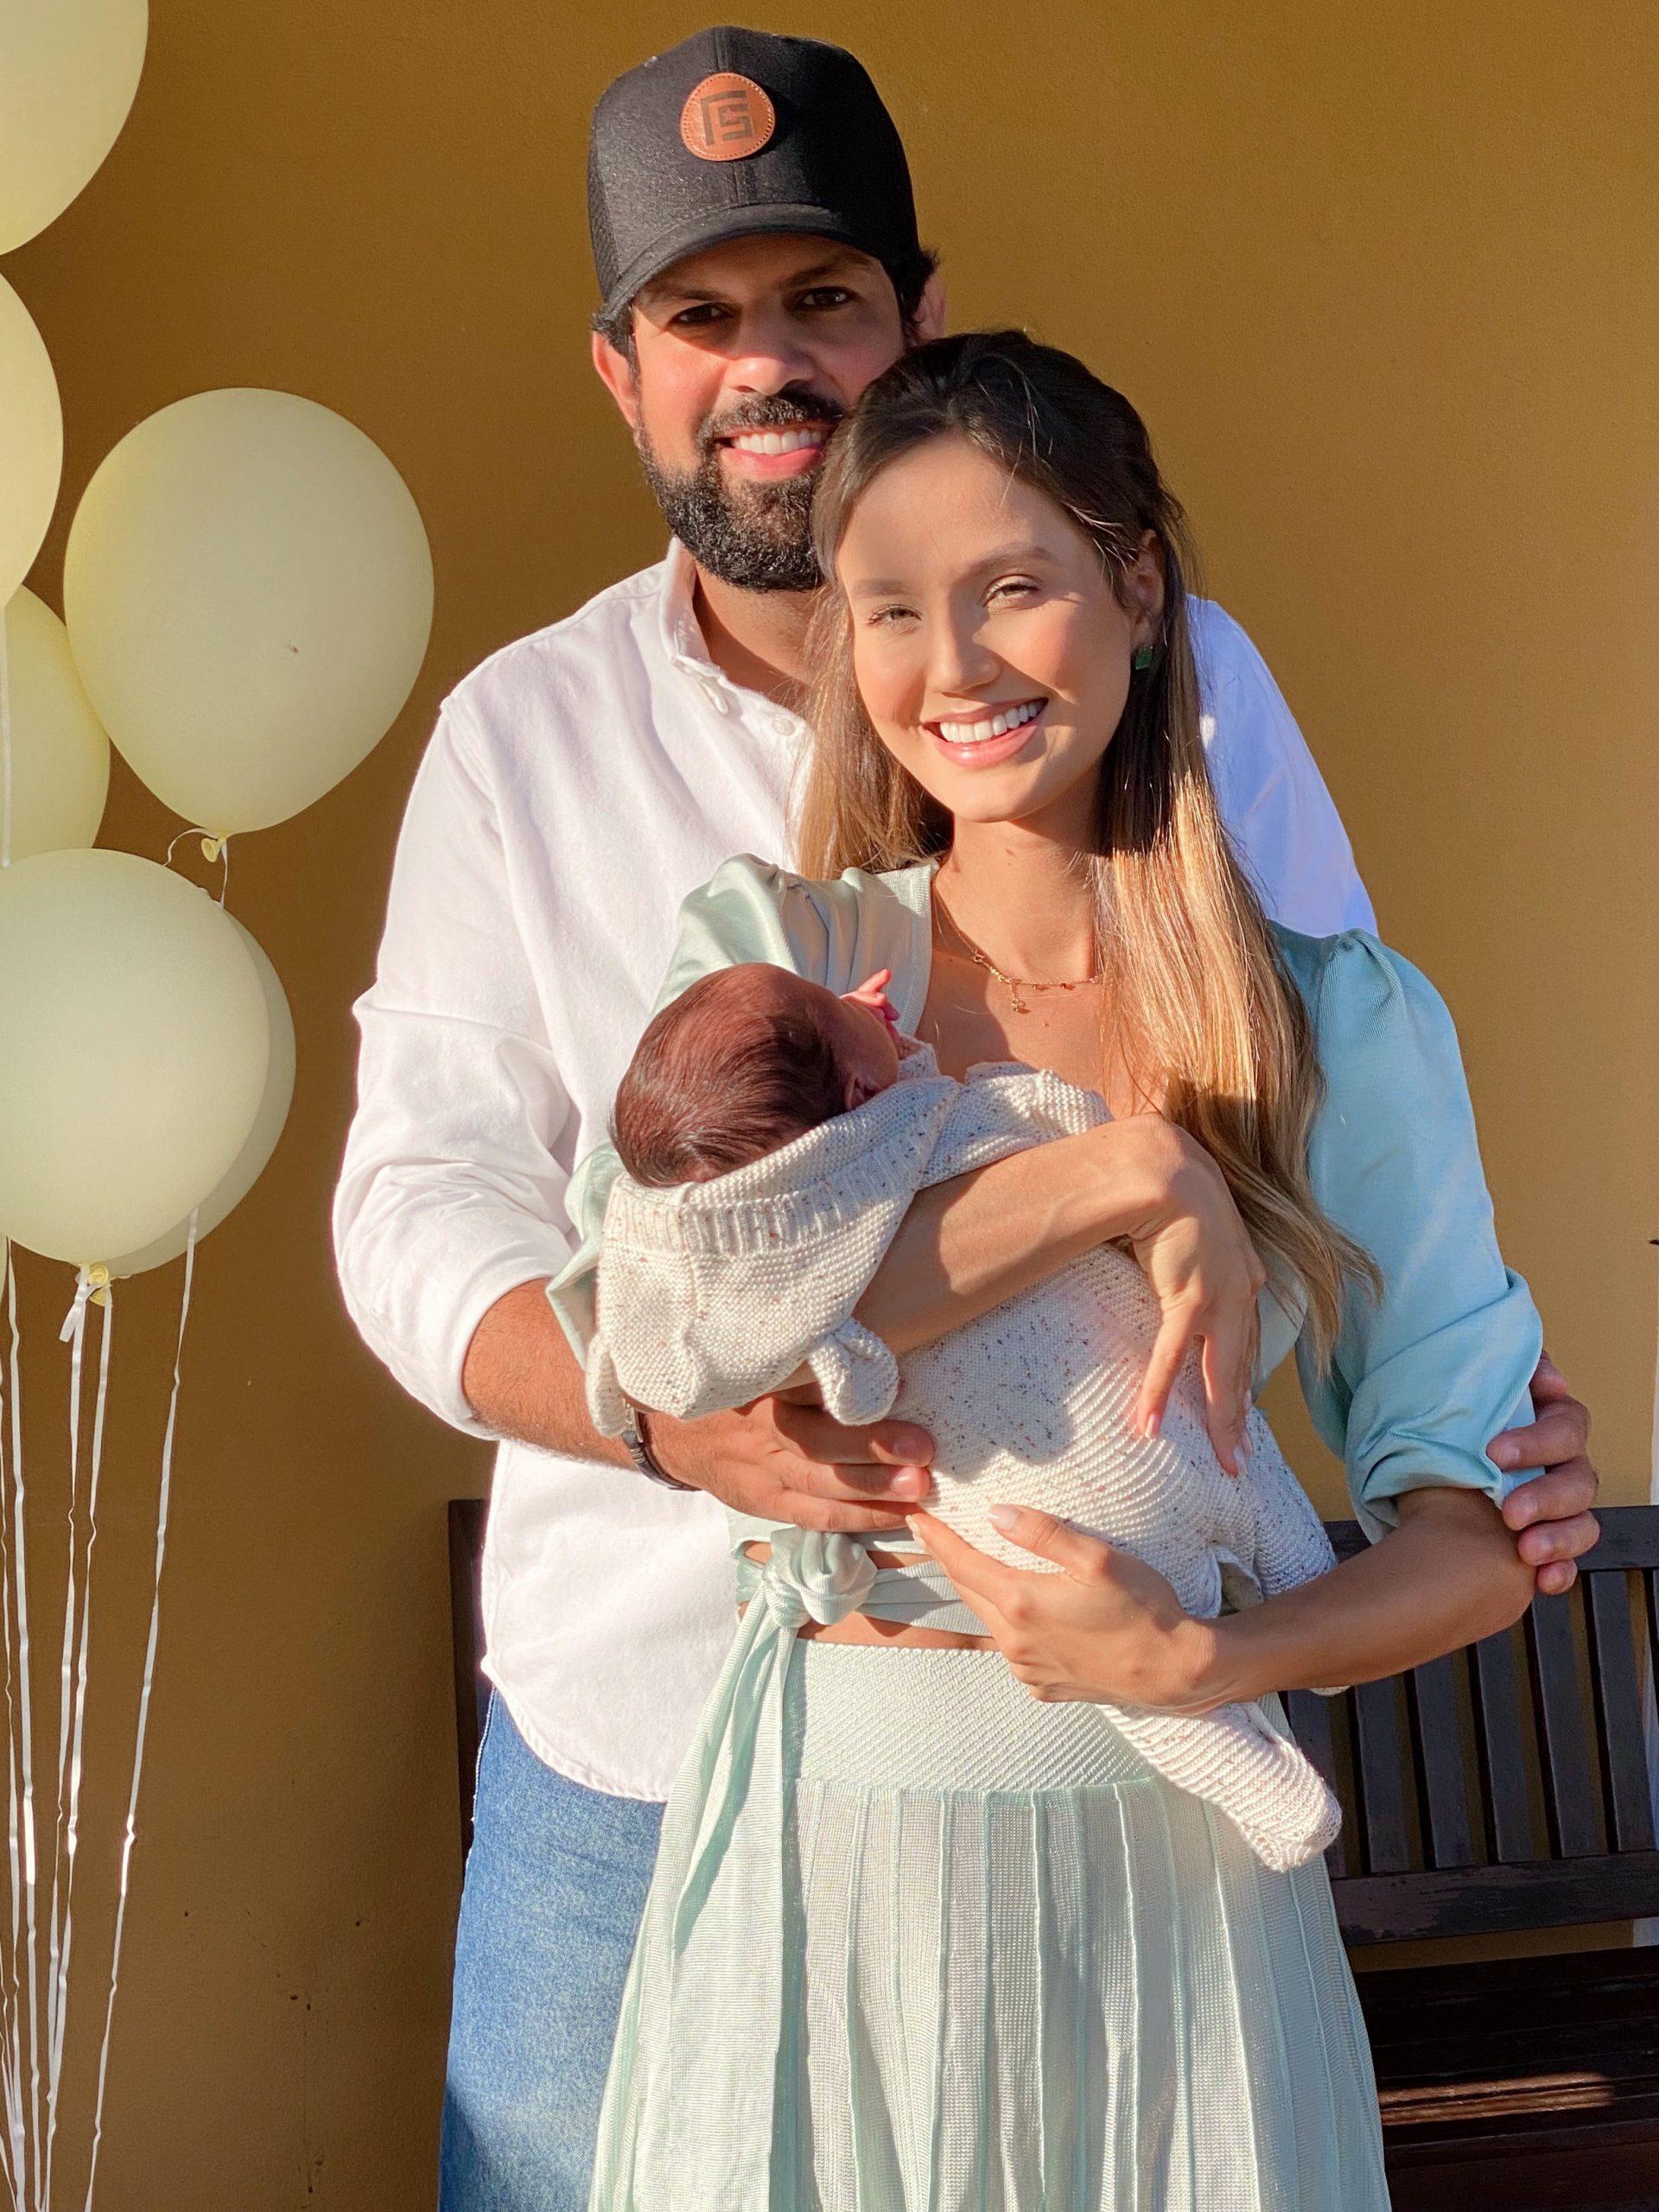 Sorocaba e Biah Rodrigues comemoram 1 mês do filho com festa 'vip'